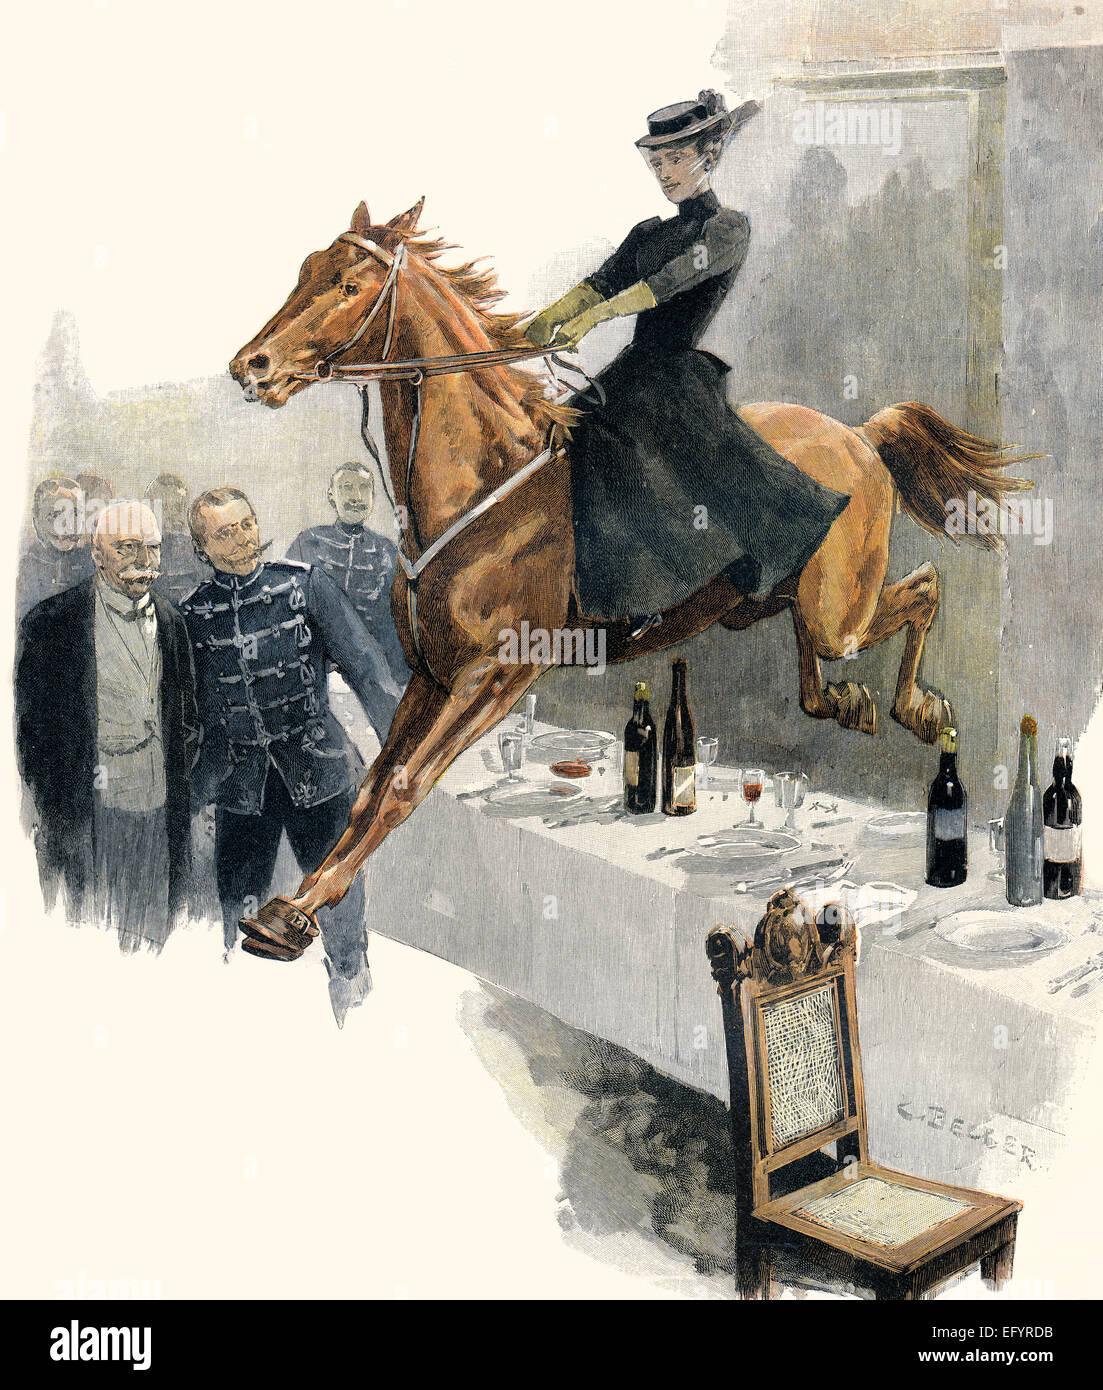 Una donna su un cavallo che salta sopra un tavolo per la cena in un ristorante, ca. 1895 Immagini Stock